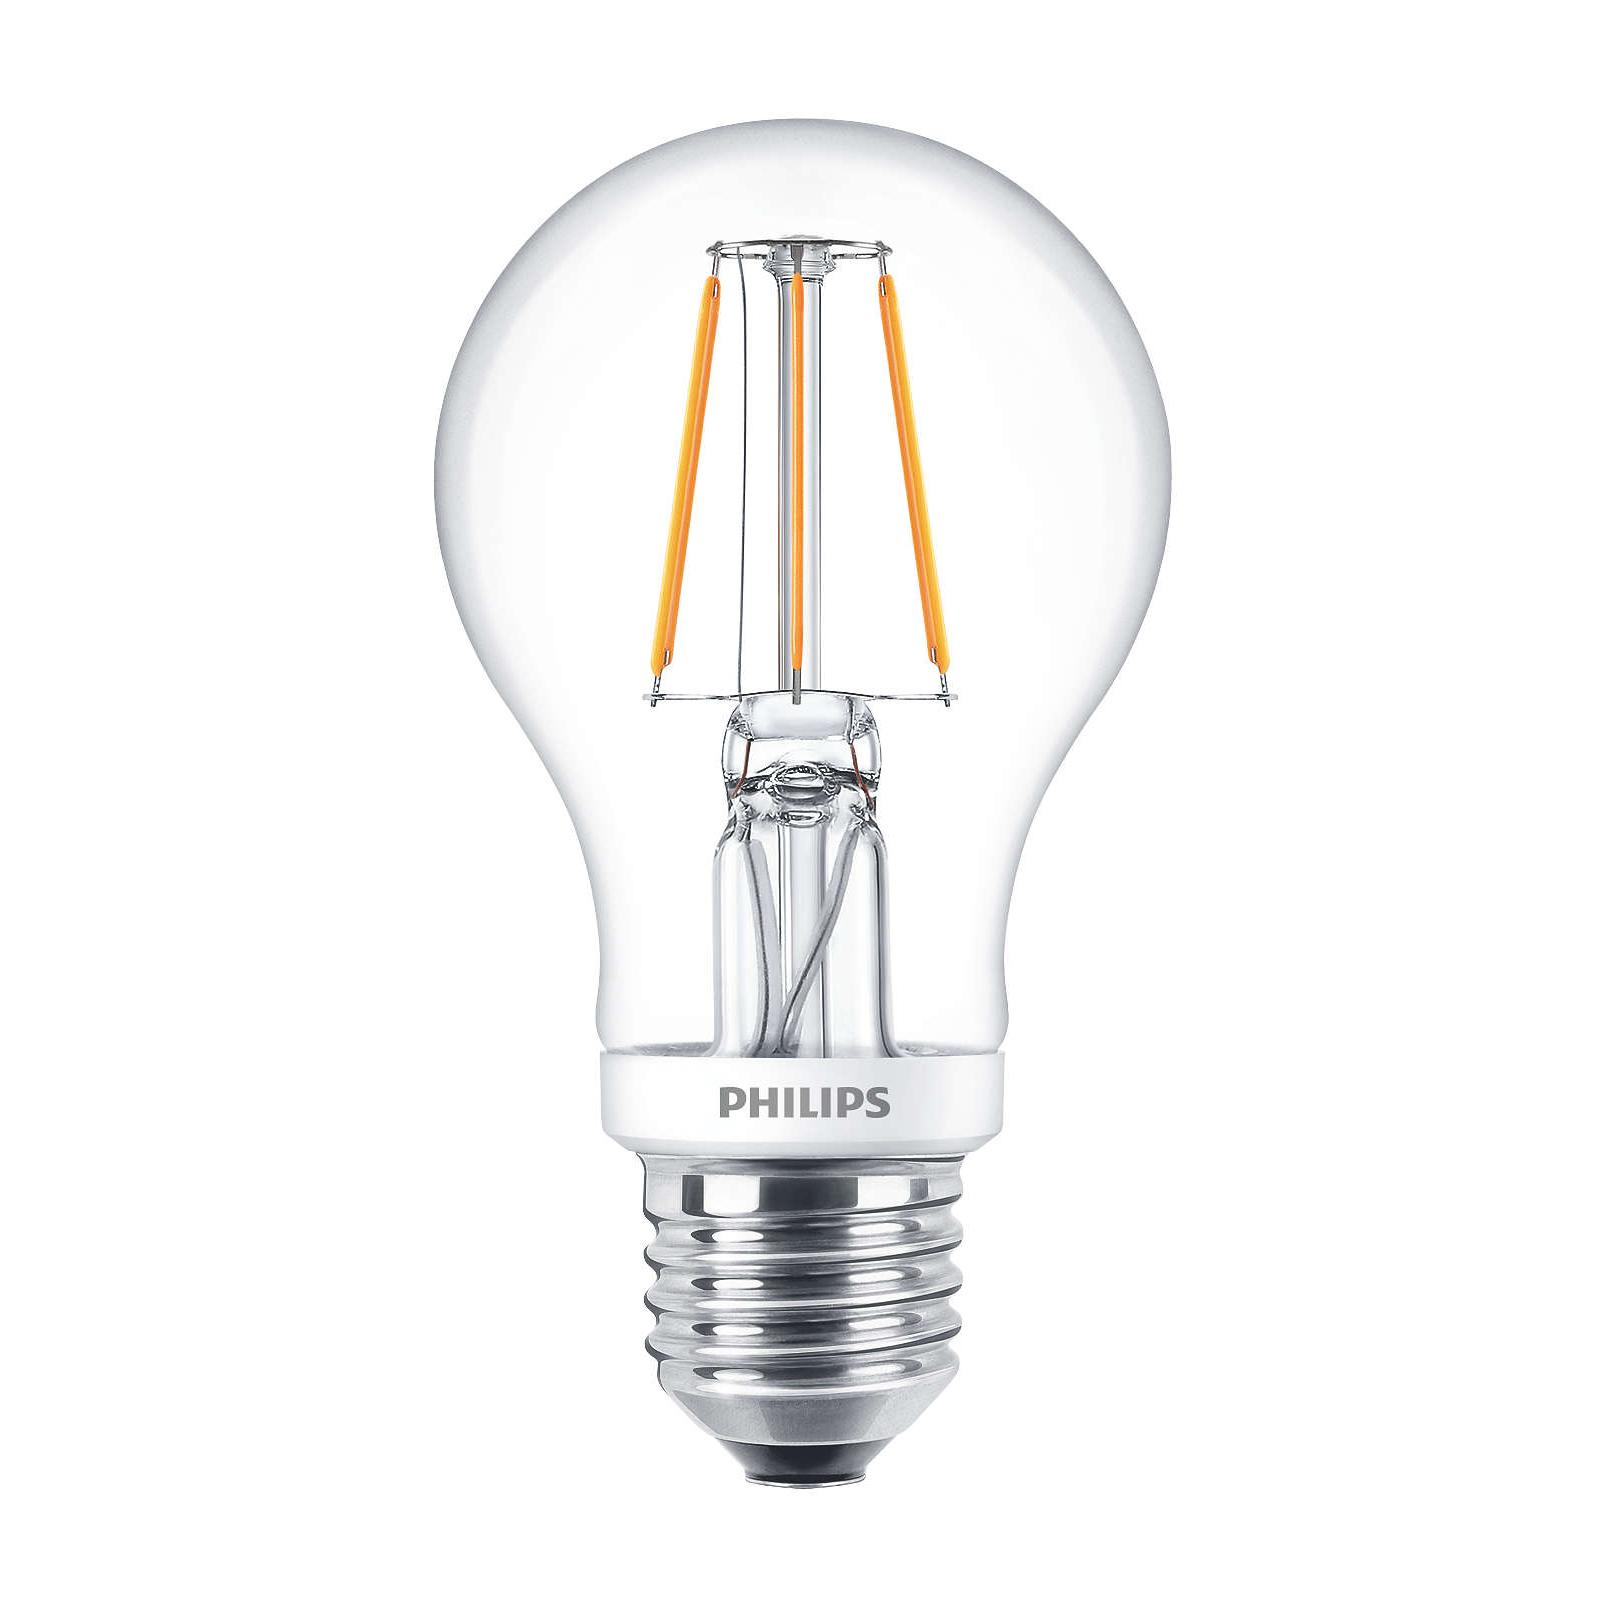 Philips Ledclassic Lampe Ersetzt 60 W E27 Warmwei